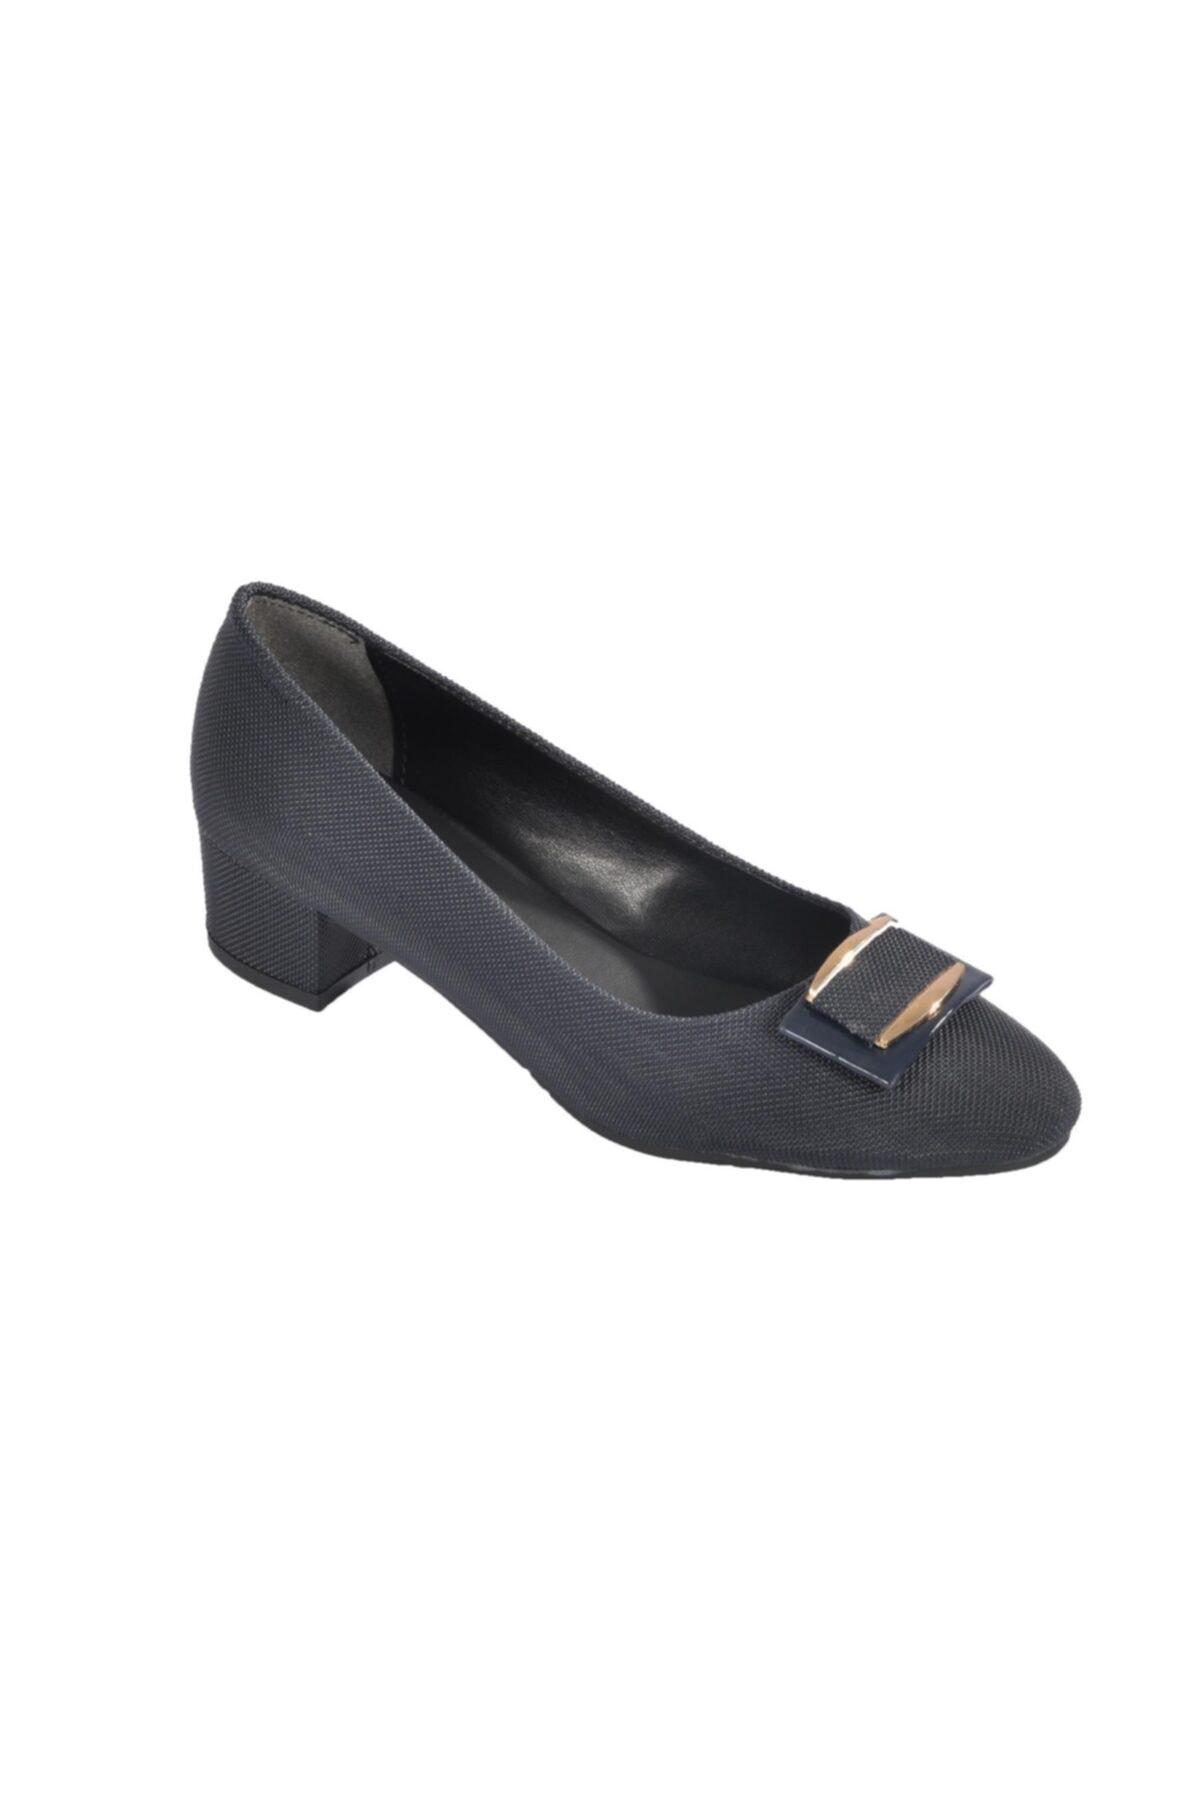 Maje Kadın Lacivert  Topuklu Ayakkabı 6032 1